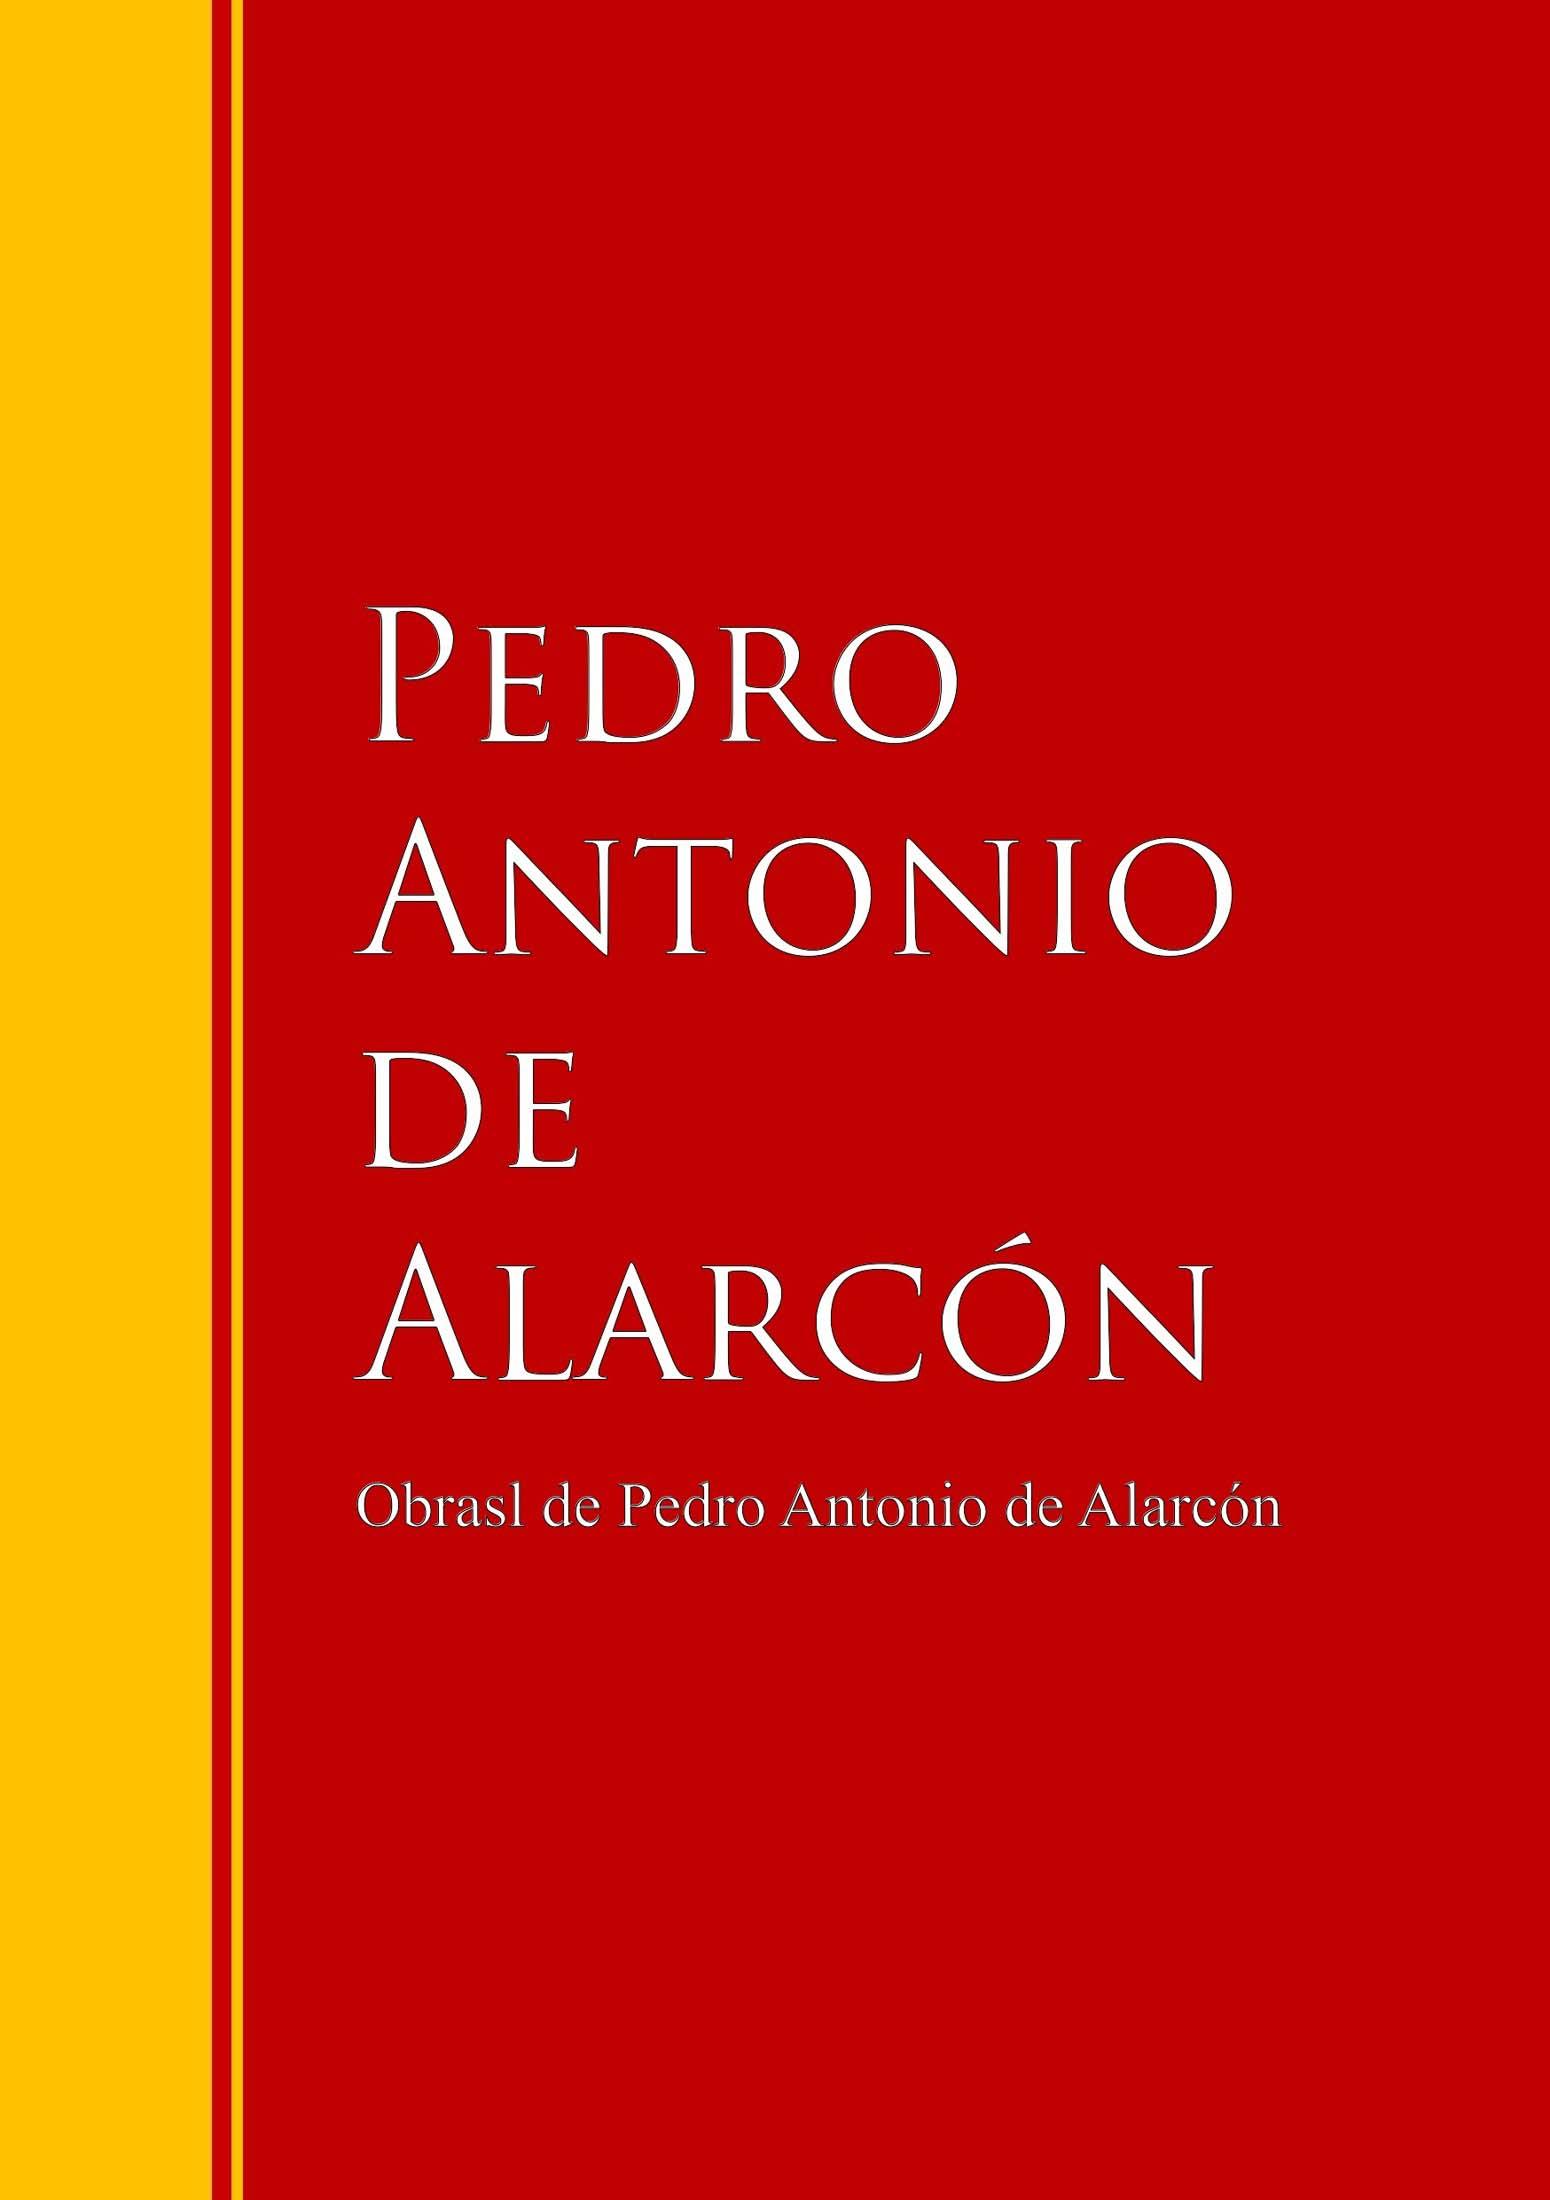 Pedro Antonio de Alarcón Obras - Colección de Pedro Antonio de Alarcón